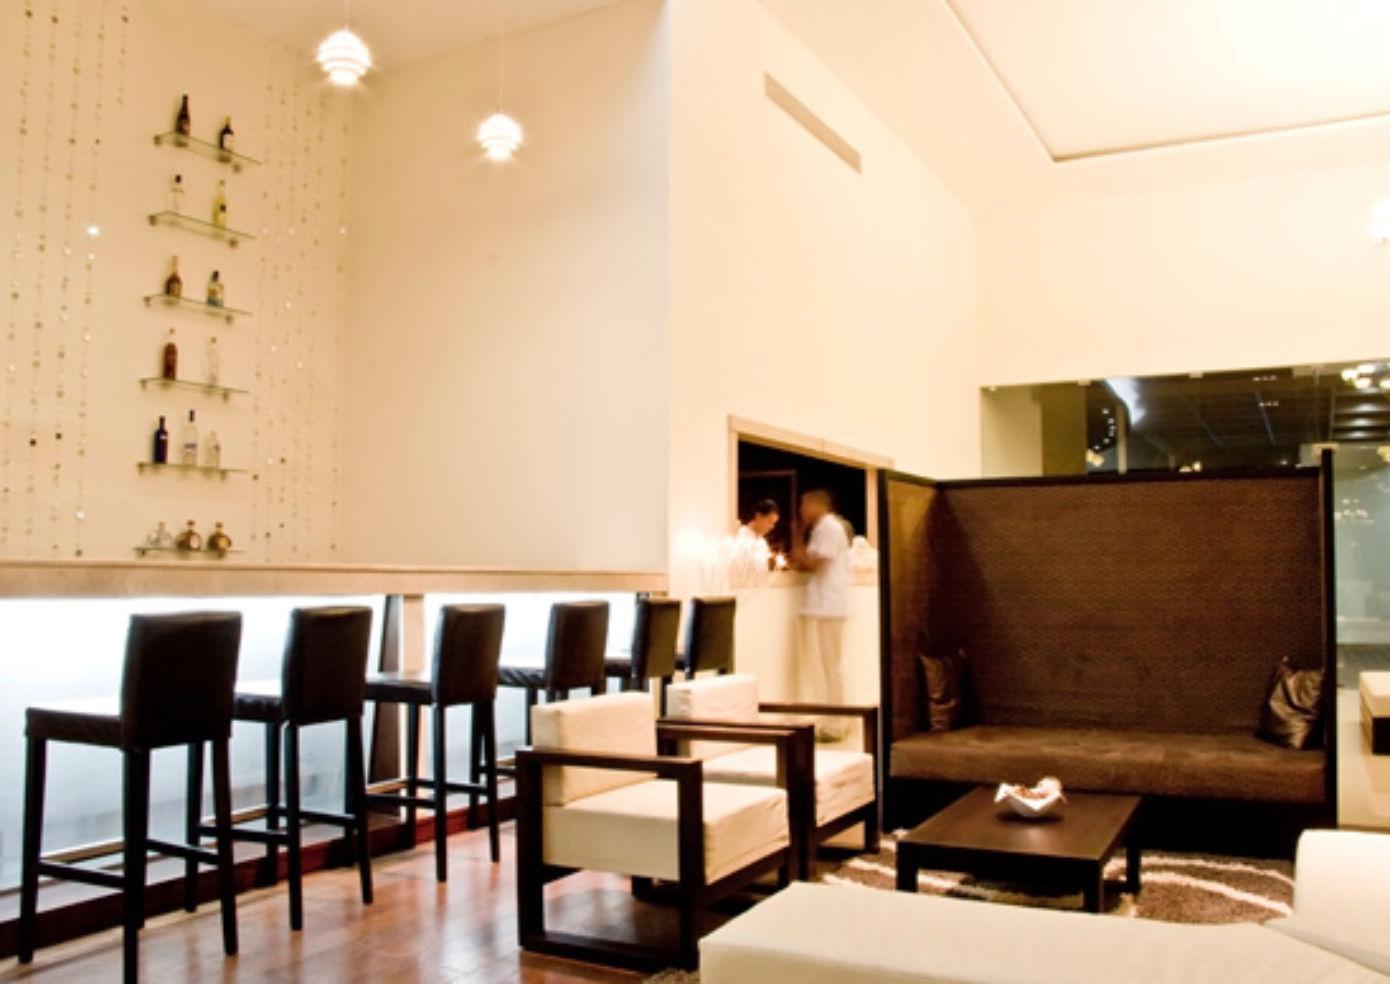 Hotel Contempo in Nicaragua